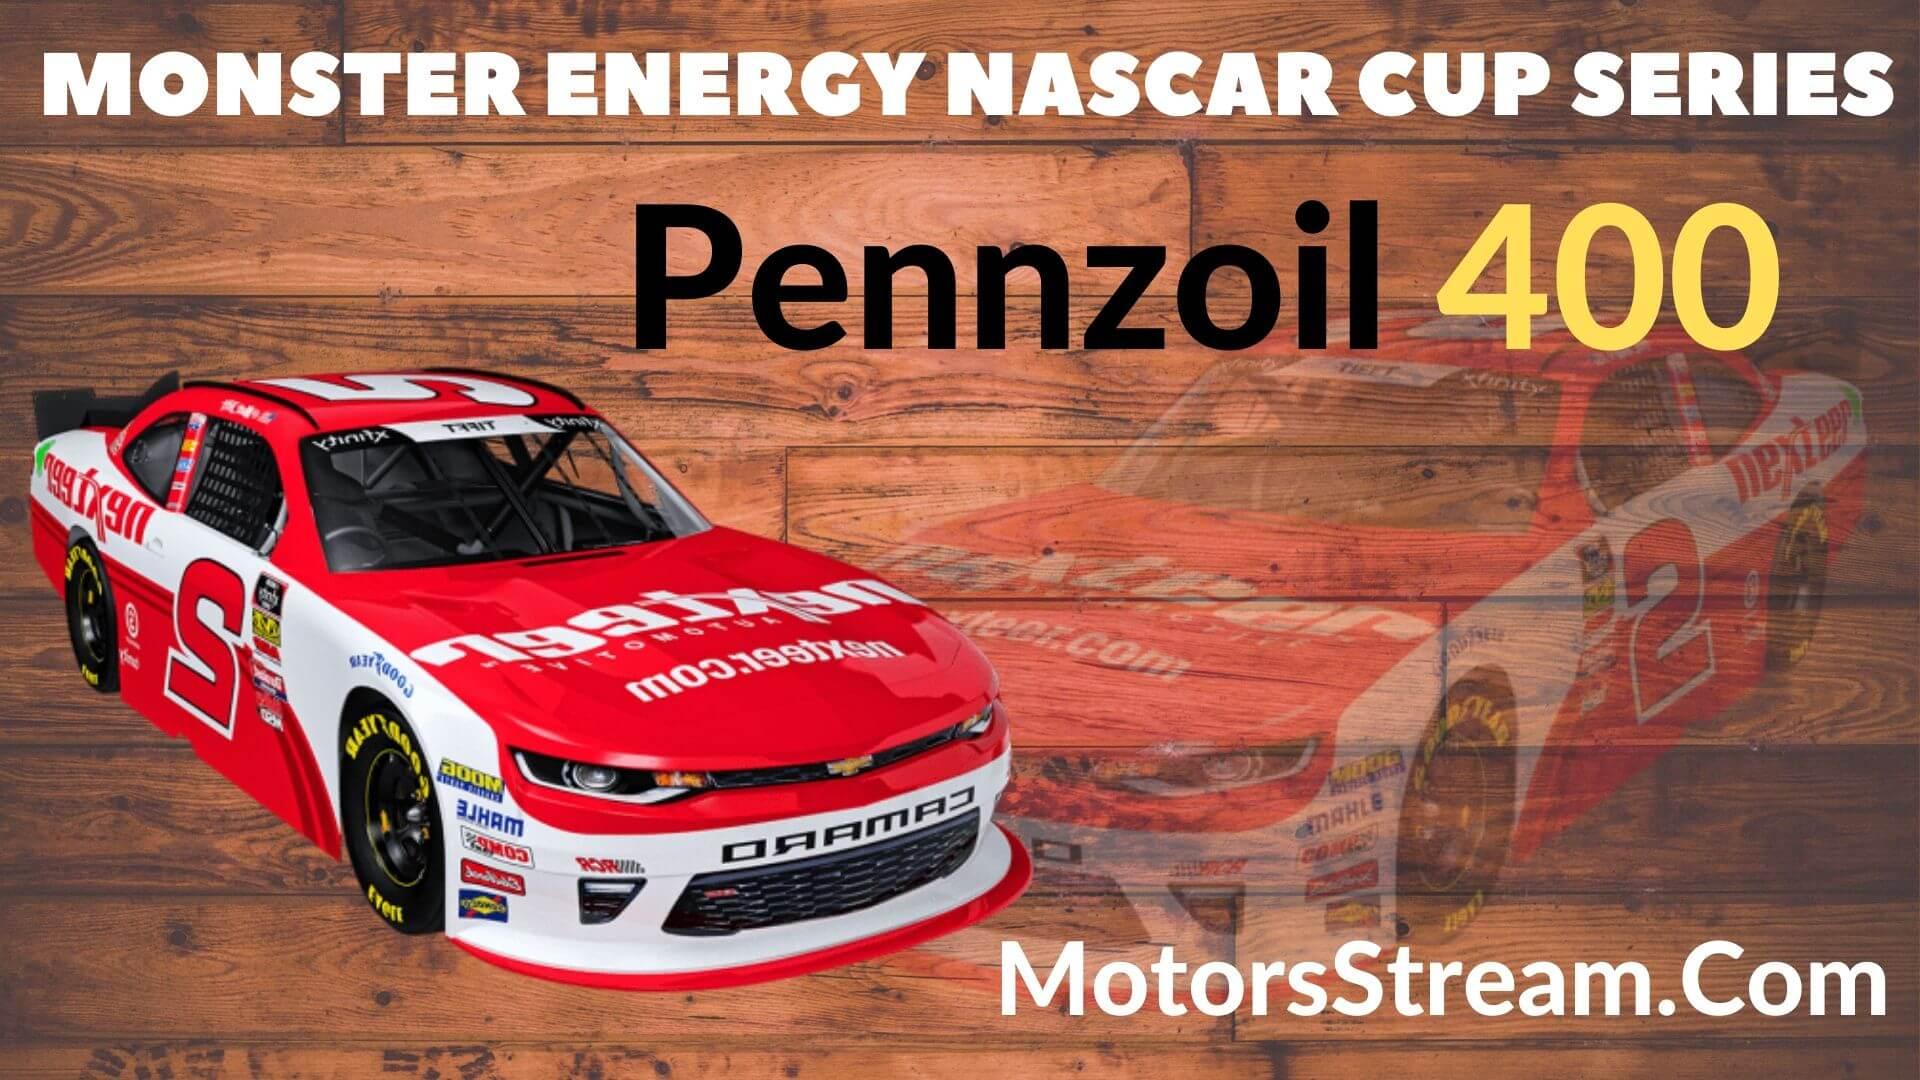 Pennzoil 400 Live Stream   NASCAR CUP  2020